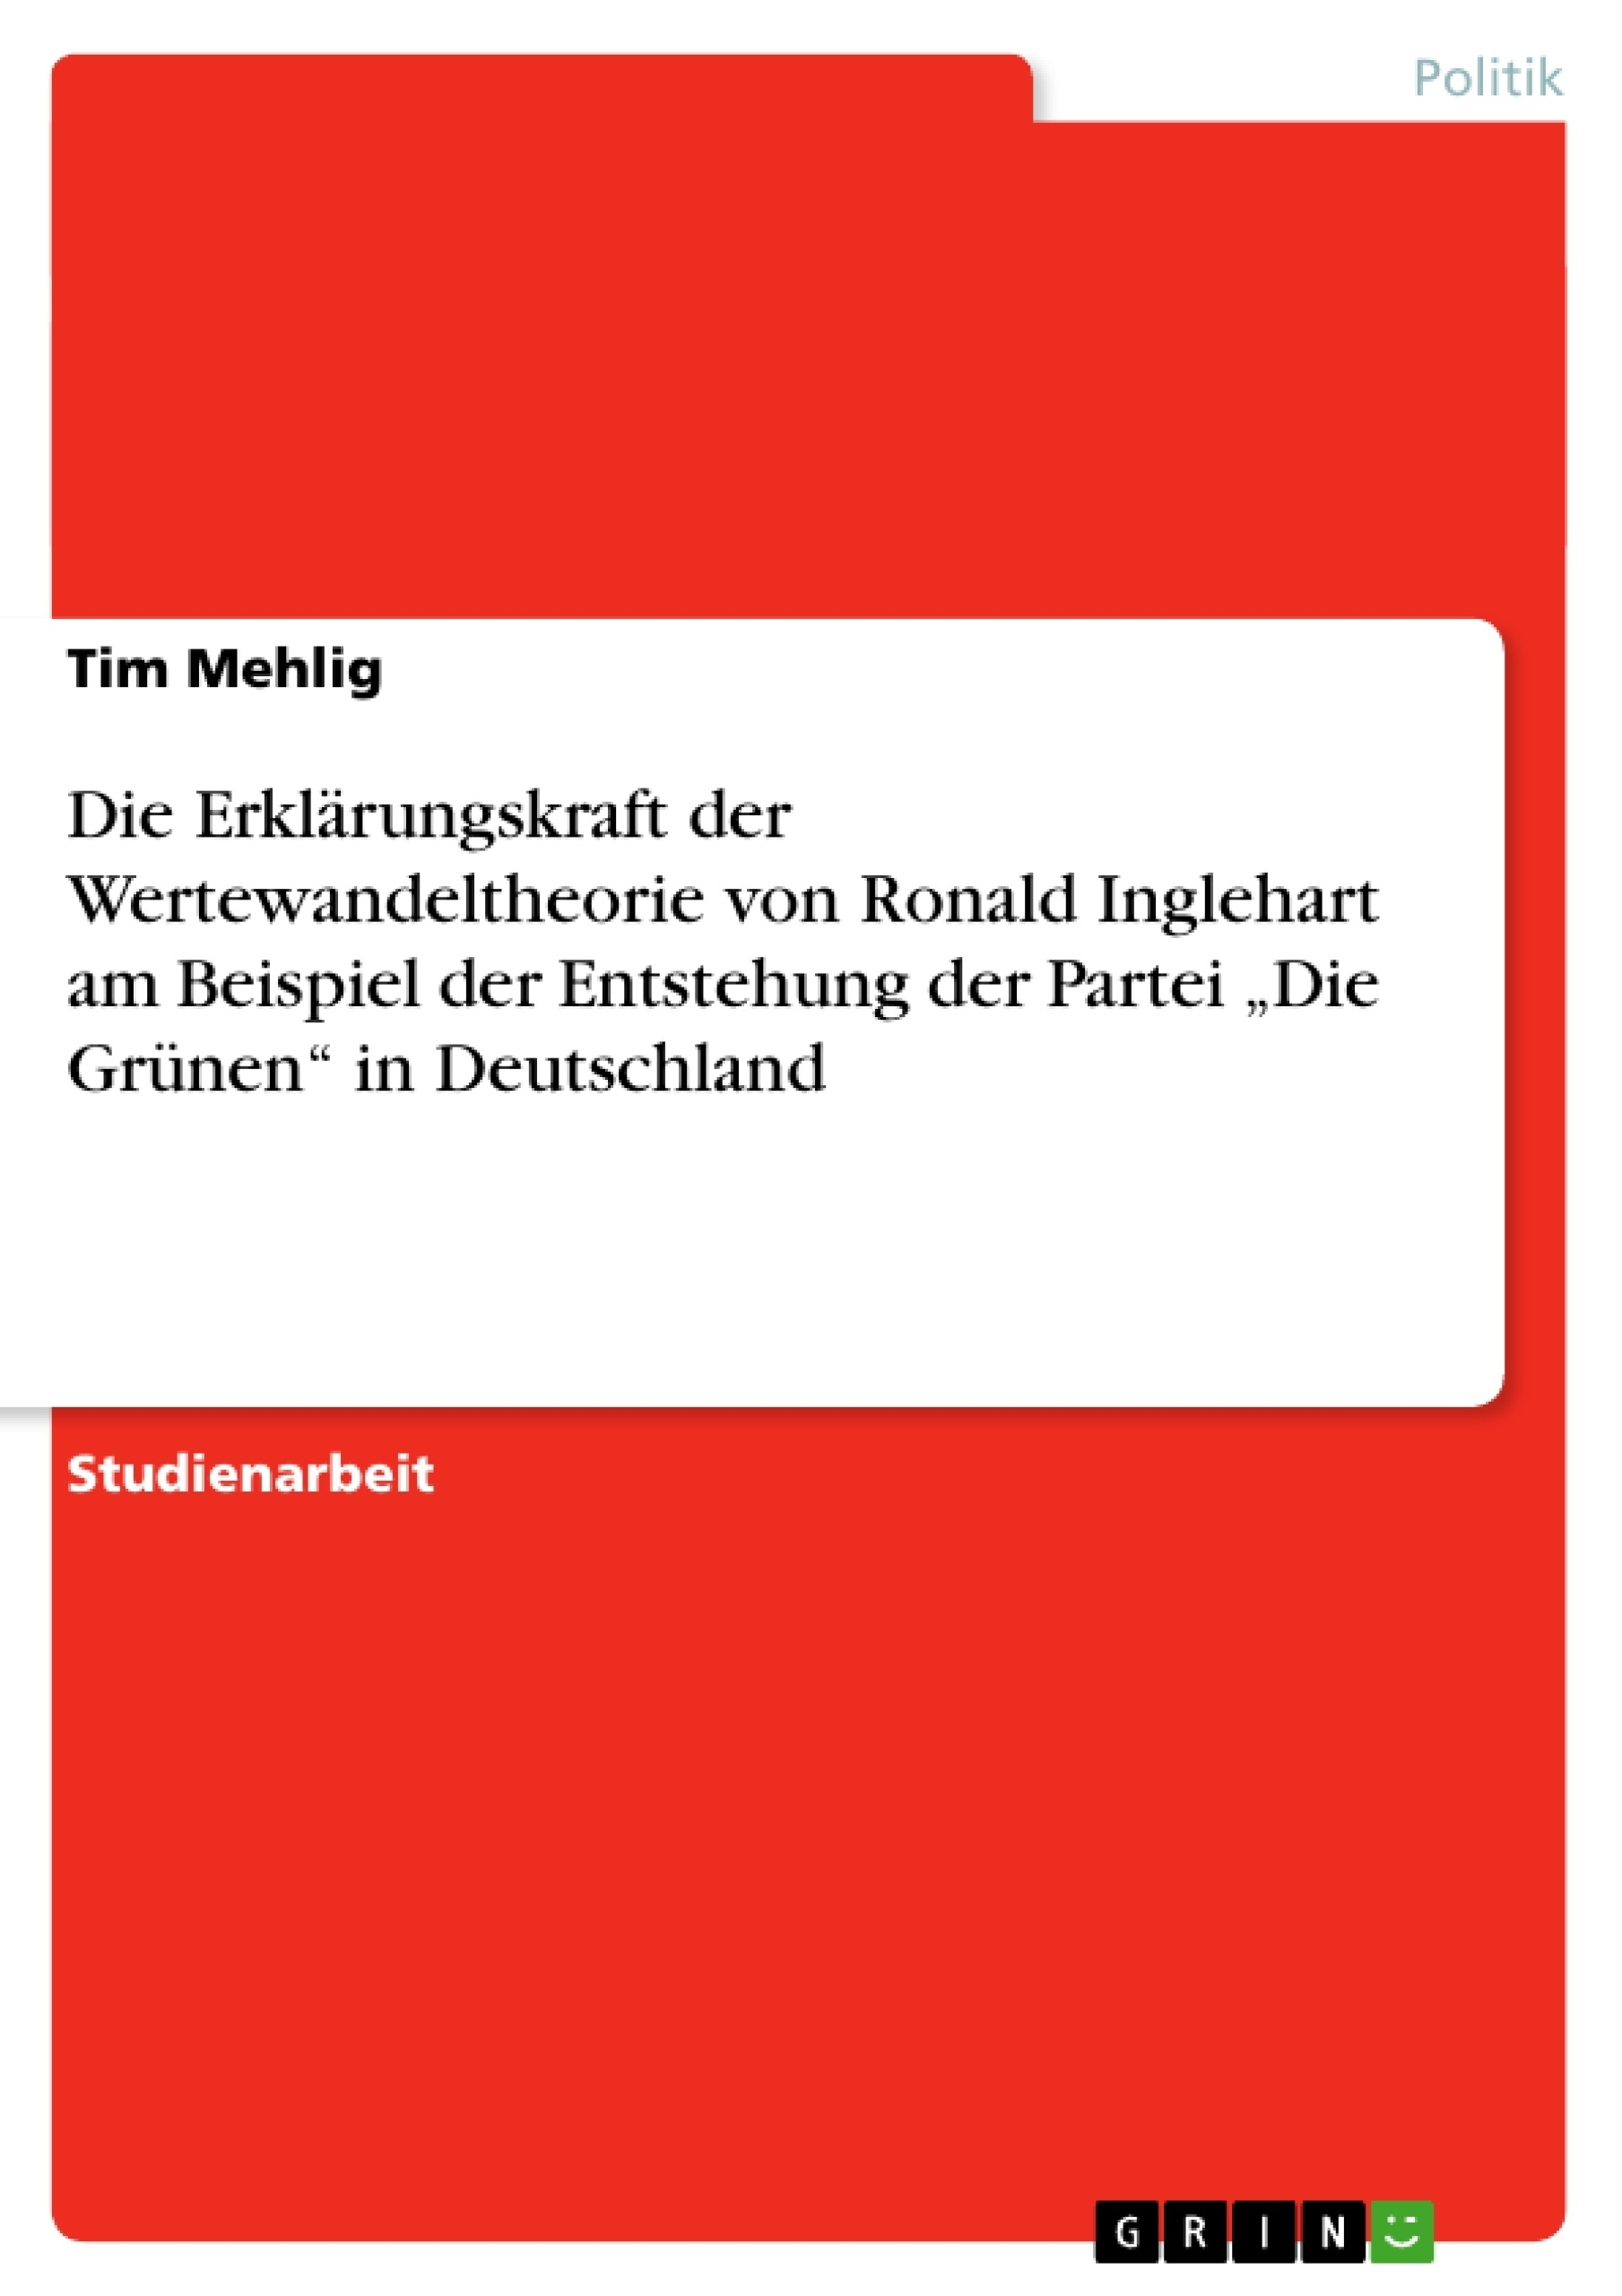 """Titel: Die Erklärungskraft der Wertewandeltheorie von Ronald Inglehart am Beispiel der Entstehung der Partei """"Die Grünen"""" in Deutschland"""